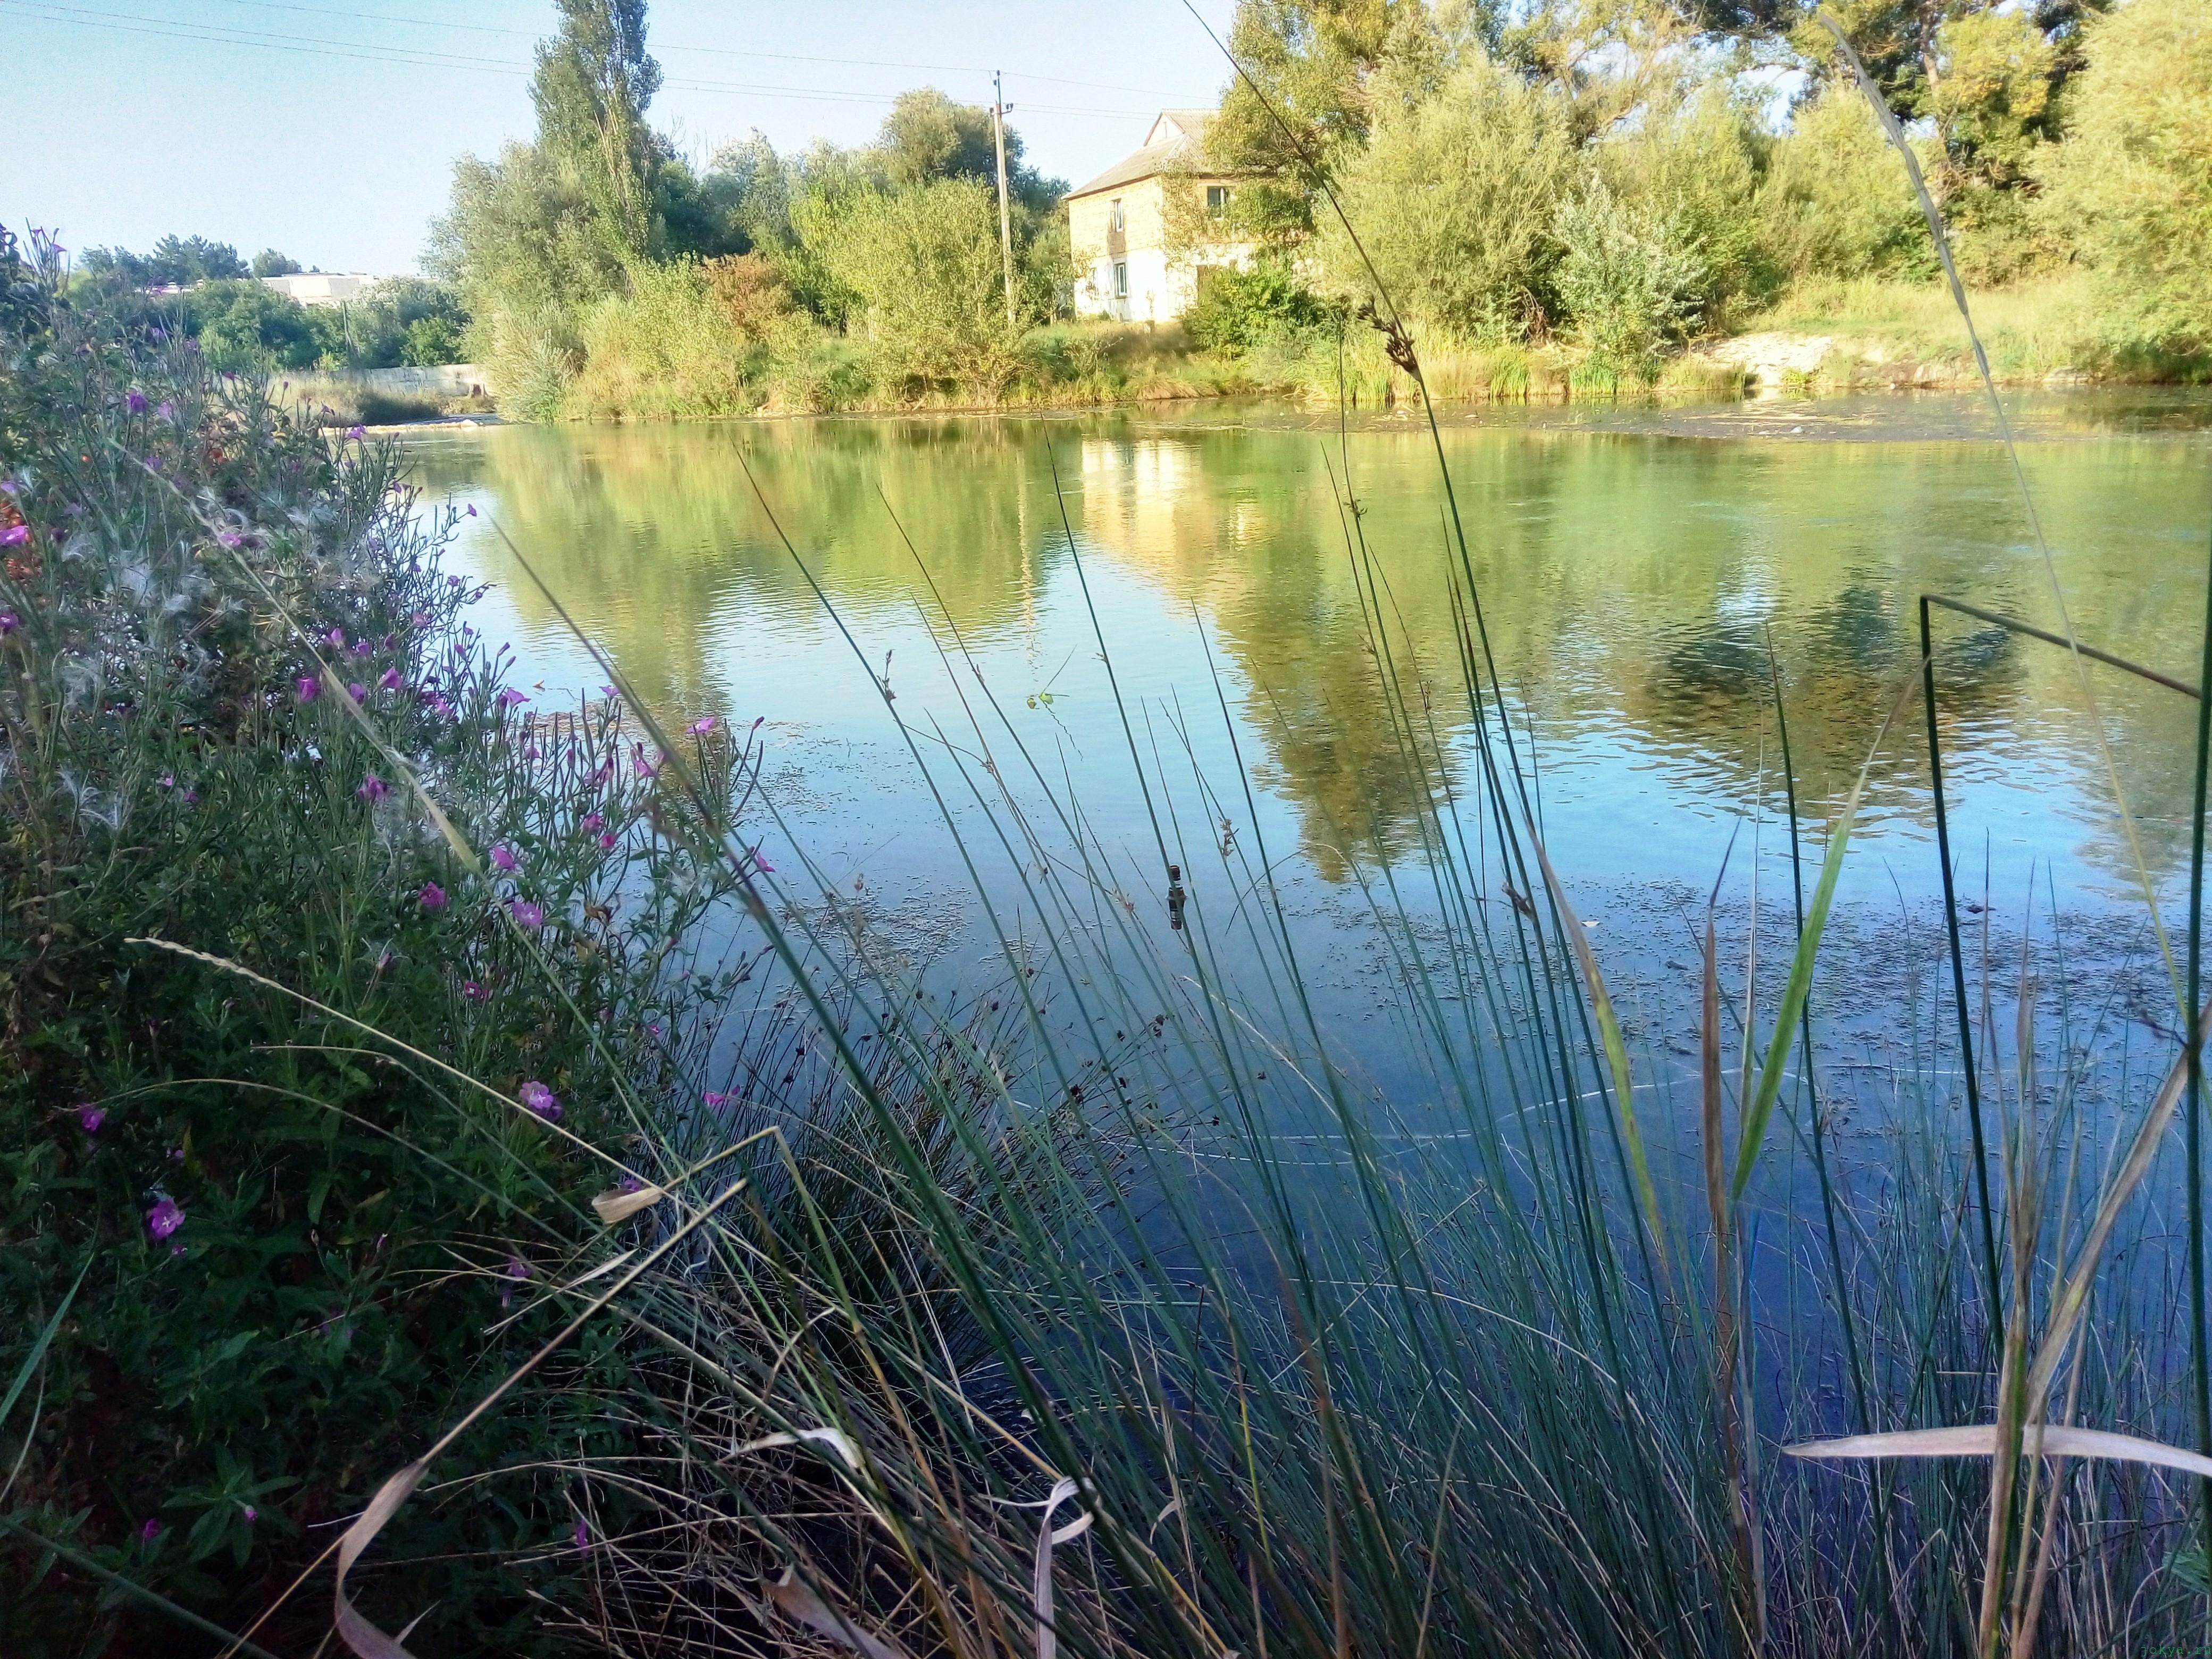 Как ловить окуня на реке фото заметка из моей реальности в Крыму